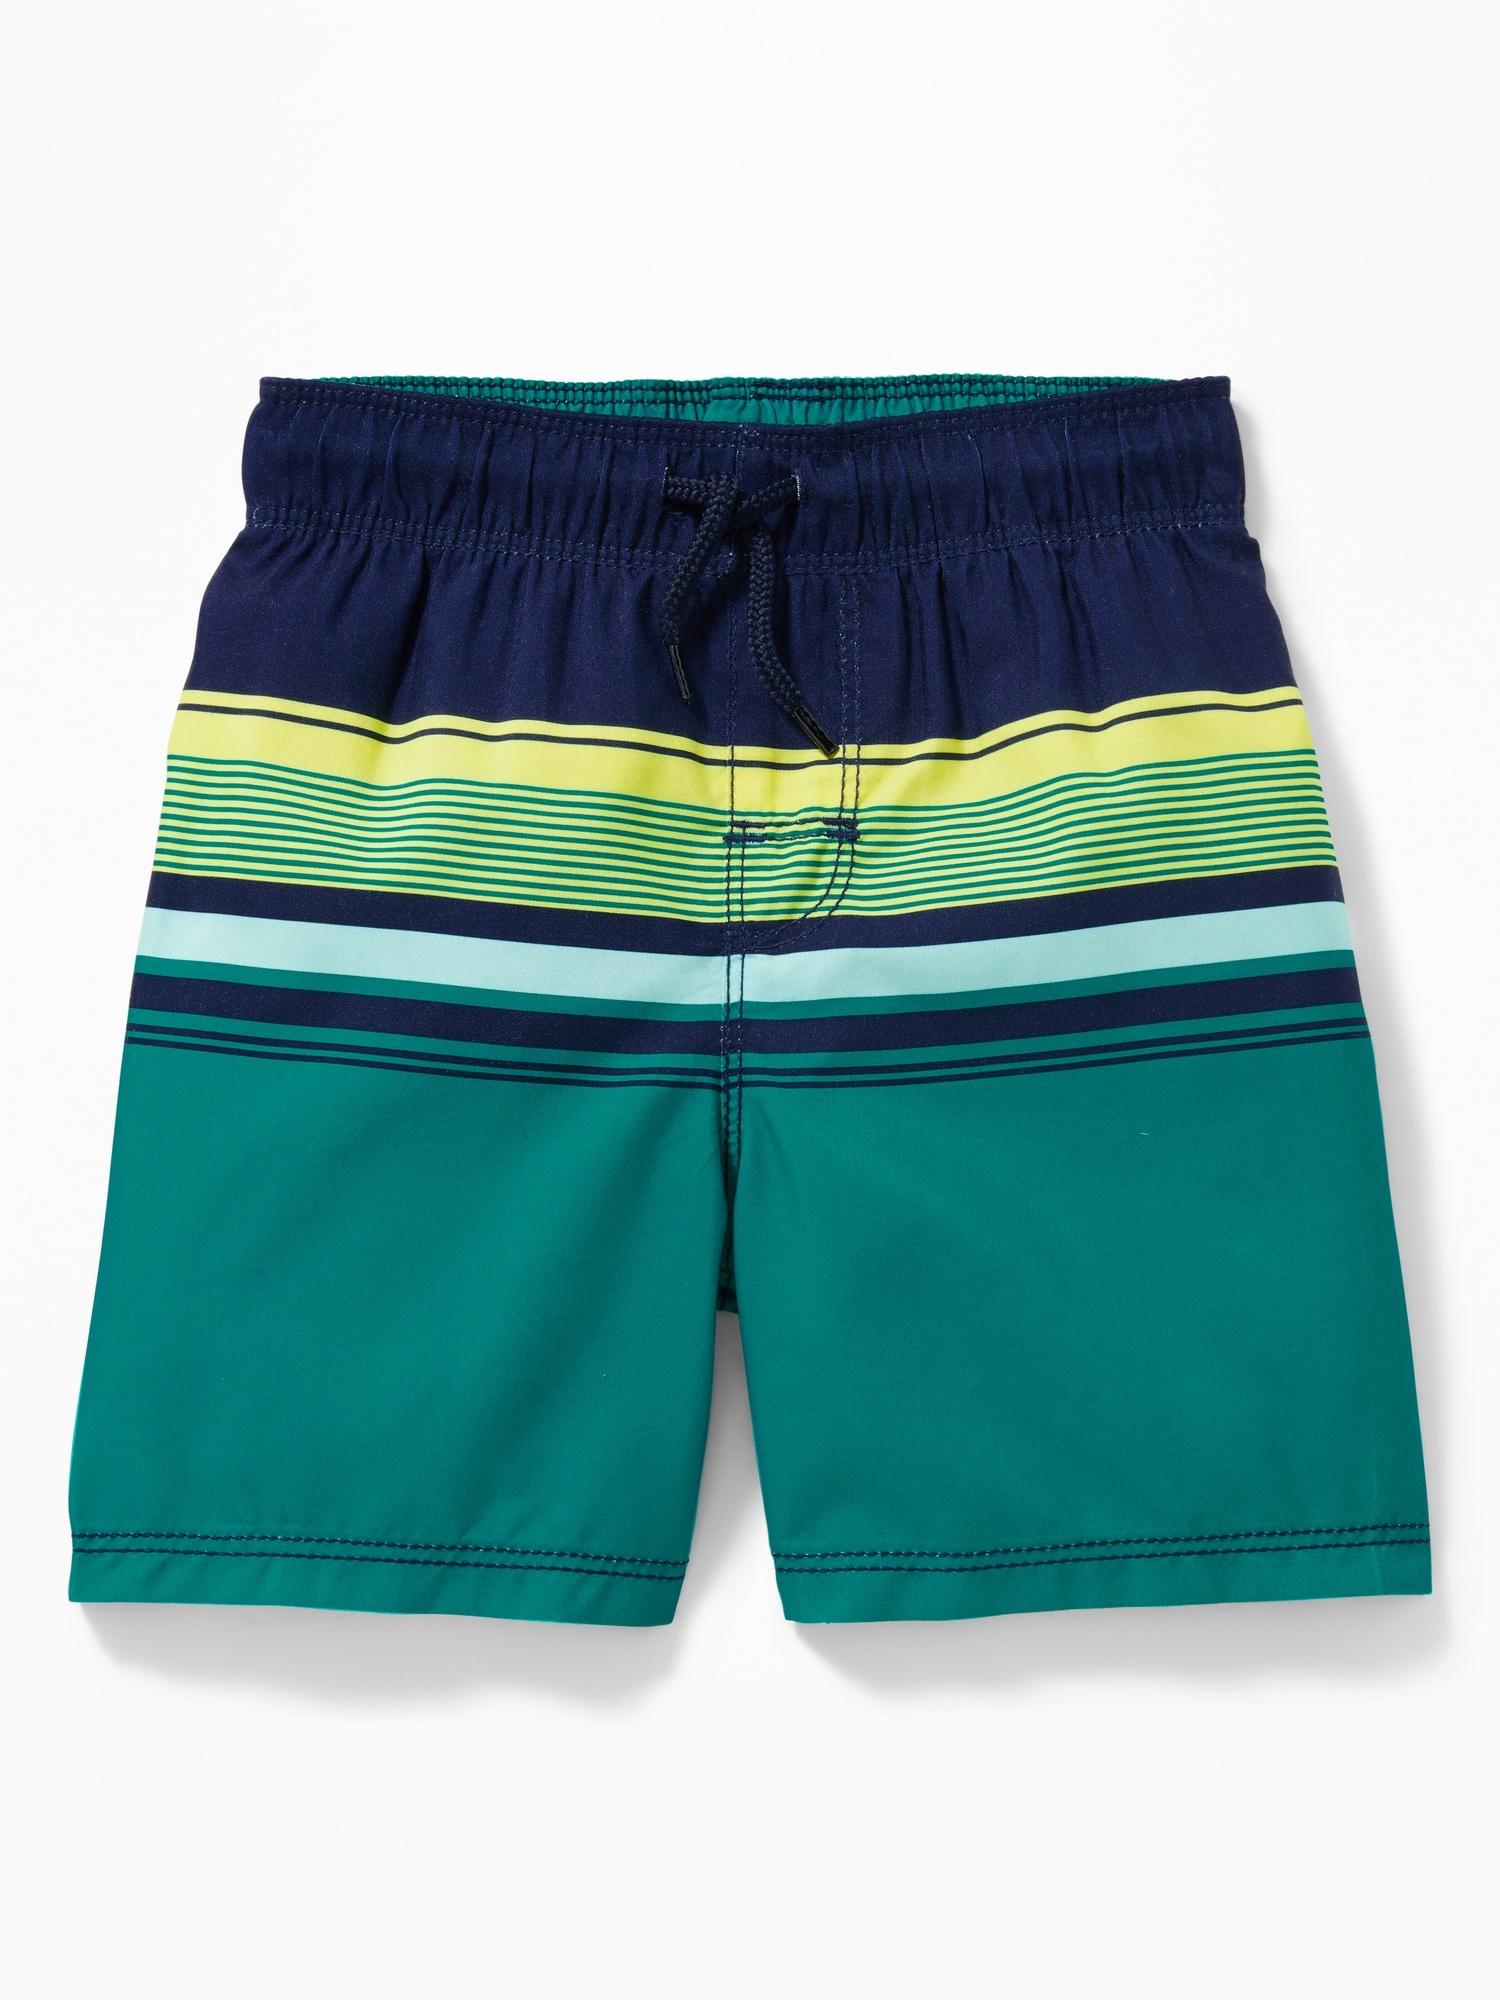 3b06685fe4 Functional Drawstring Multi-Stripe Swim Trunks for Toddler Boys ...